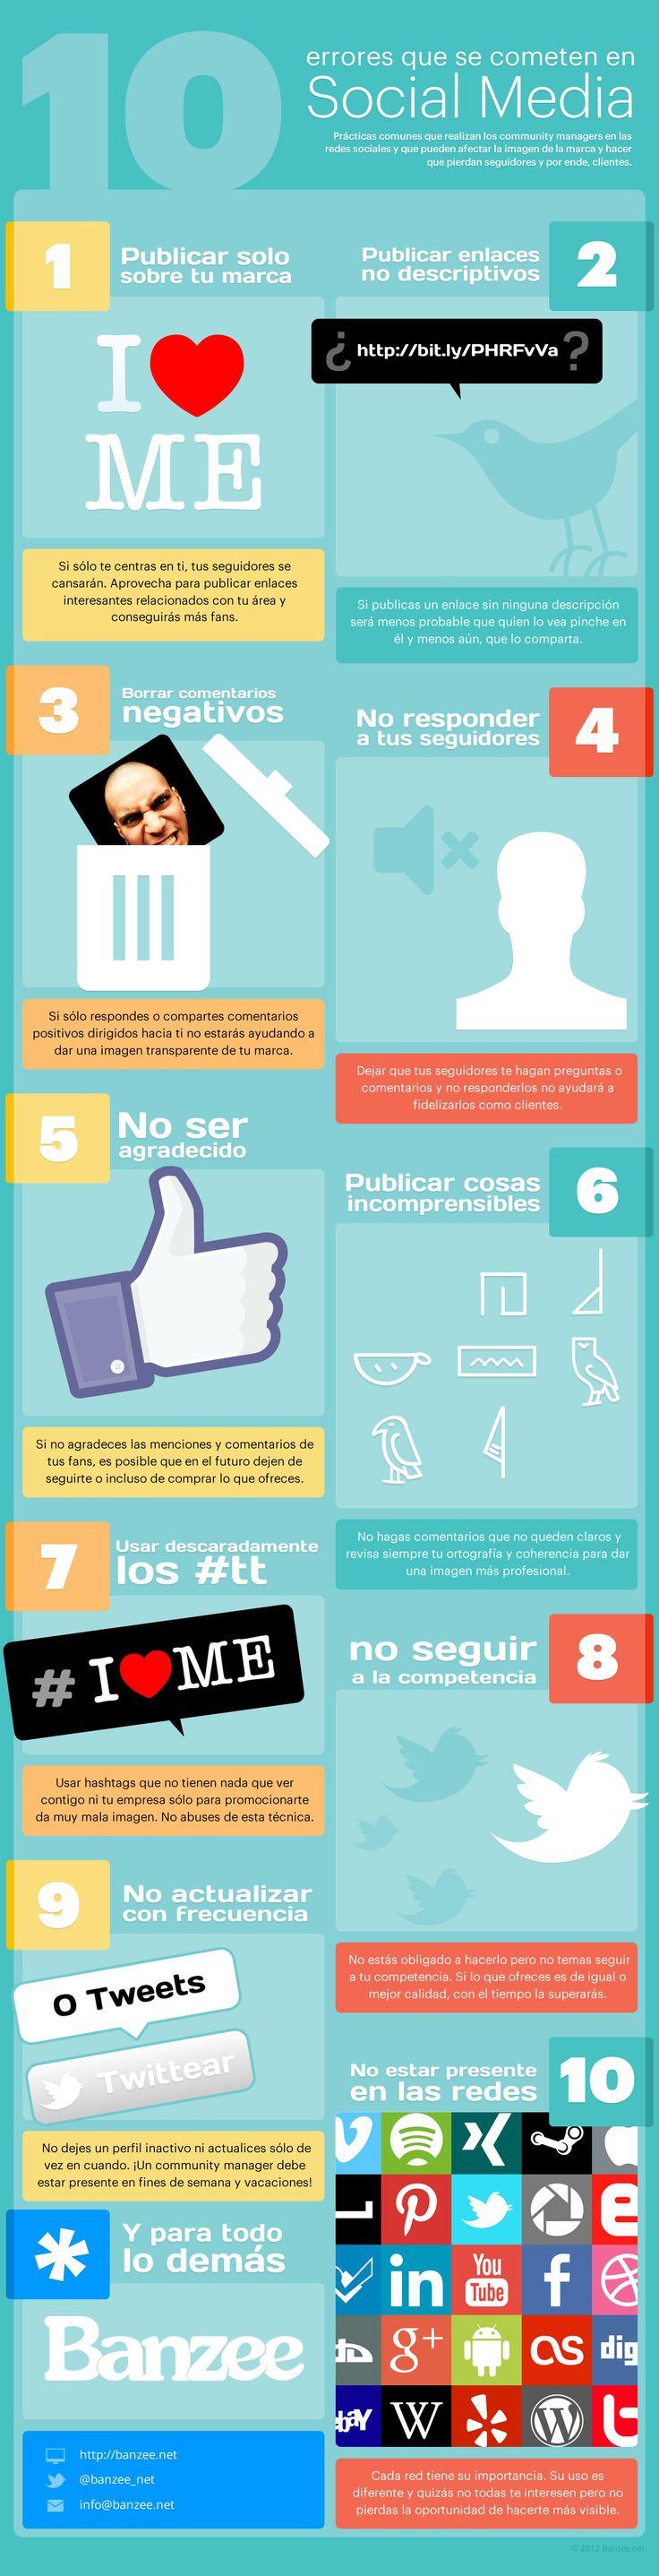 10 errores que se comenten en Social Media #infografia #socialmedia